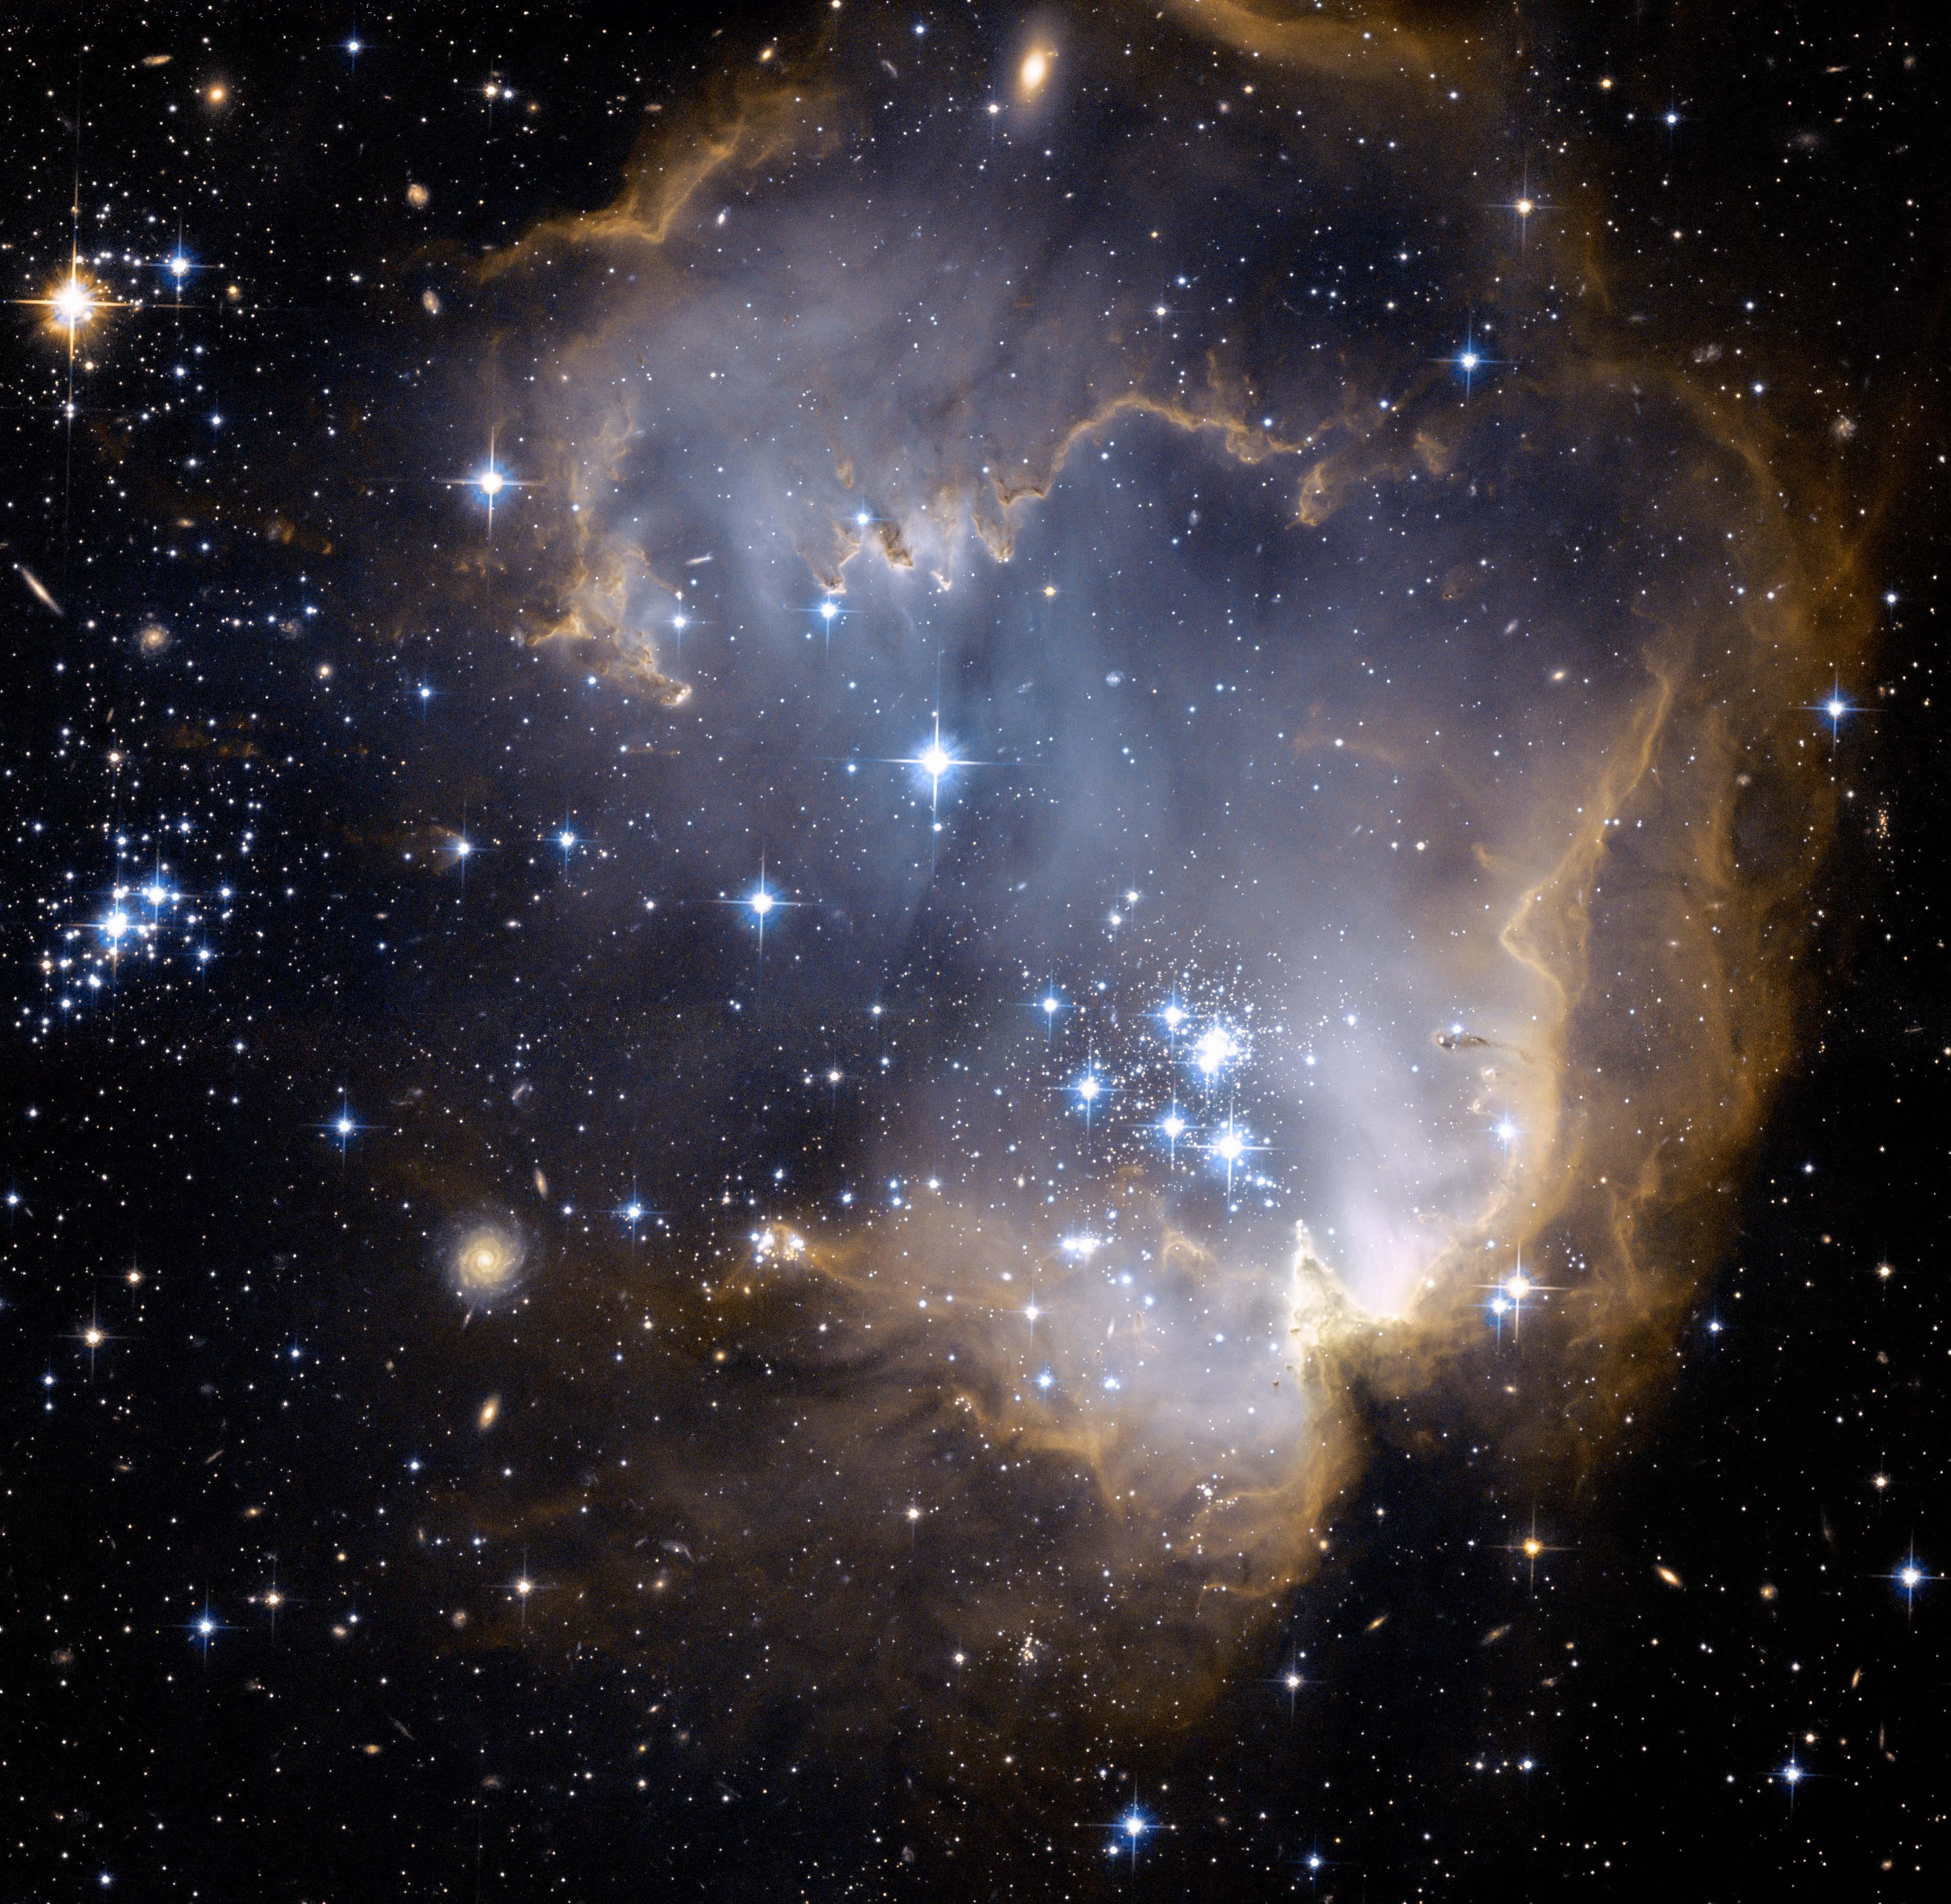 440676main_STScI-2007-04a-full_full.jpg